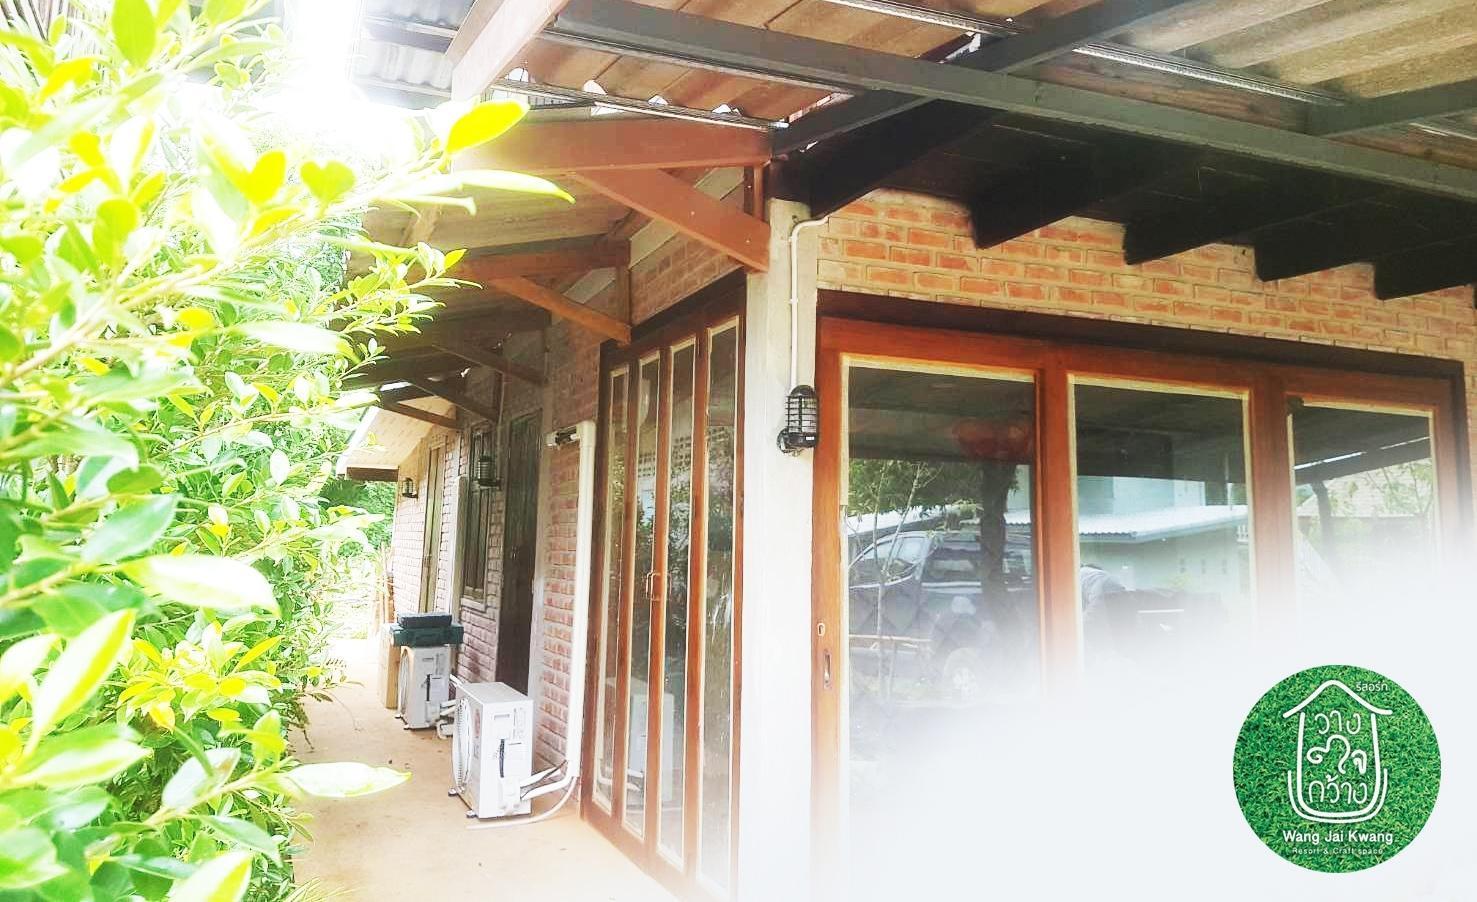 Wang Jai Kwang Space Inn